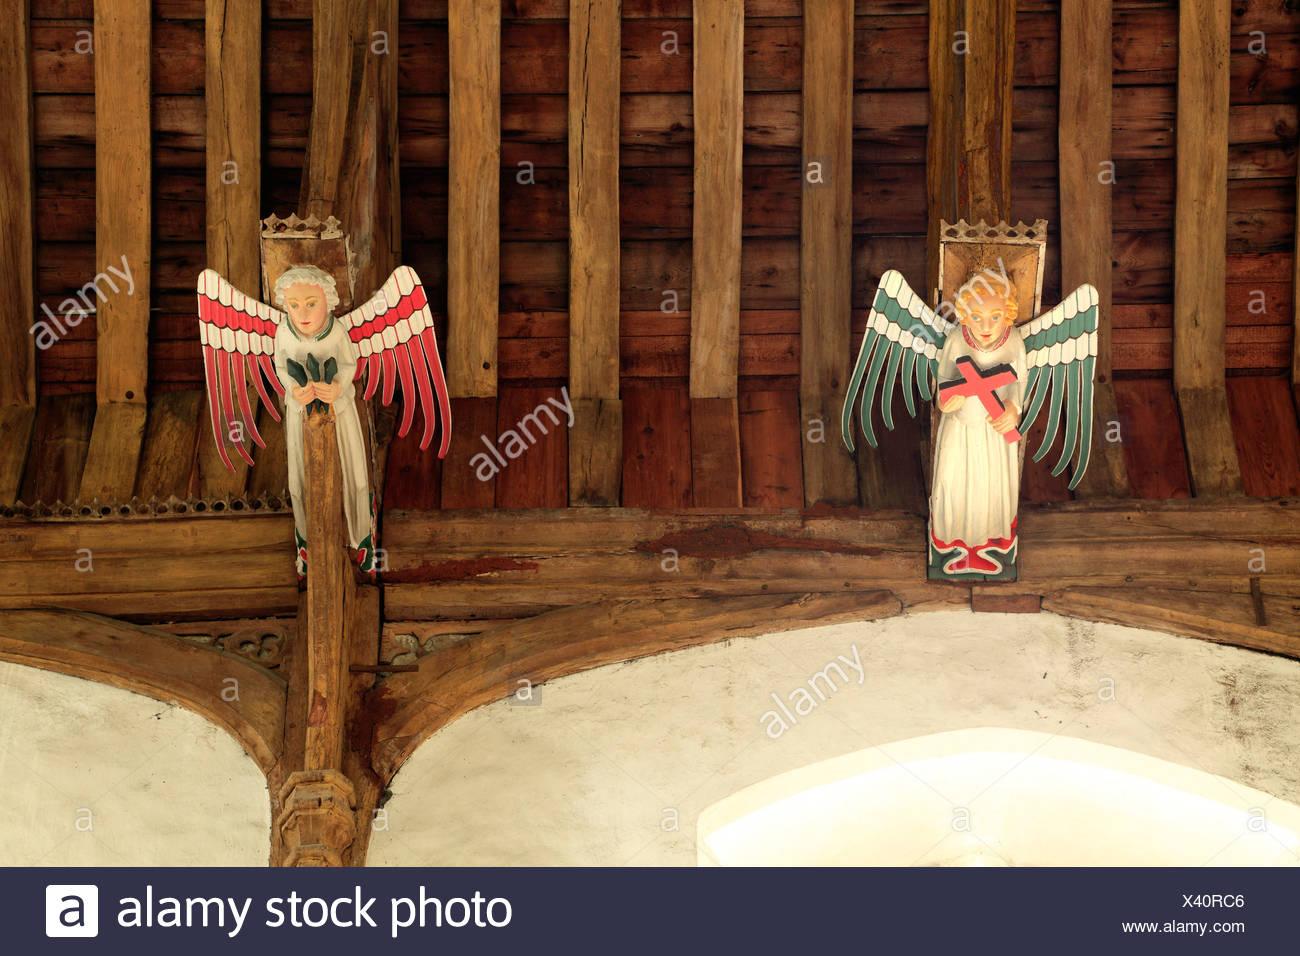 South Creake iglesia medieval de techo hammerbeam, ángeles ángel, Norfolk, Inglaterra, techos de vigas de haz de martillo Imagen De Stock